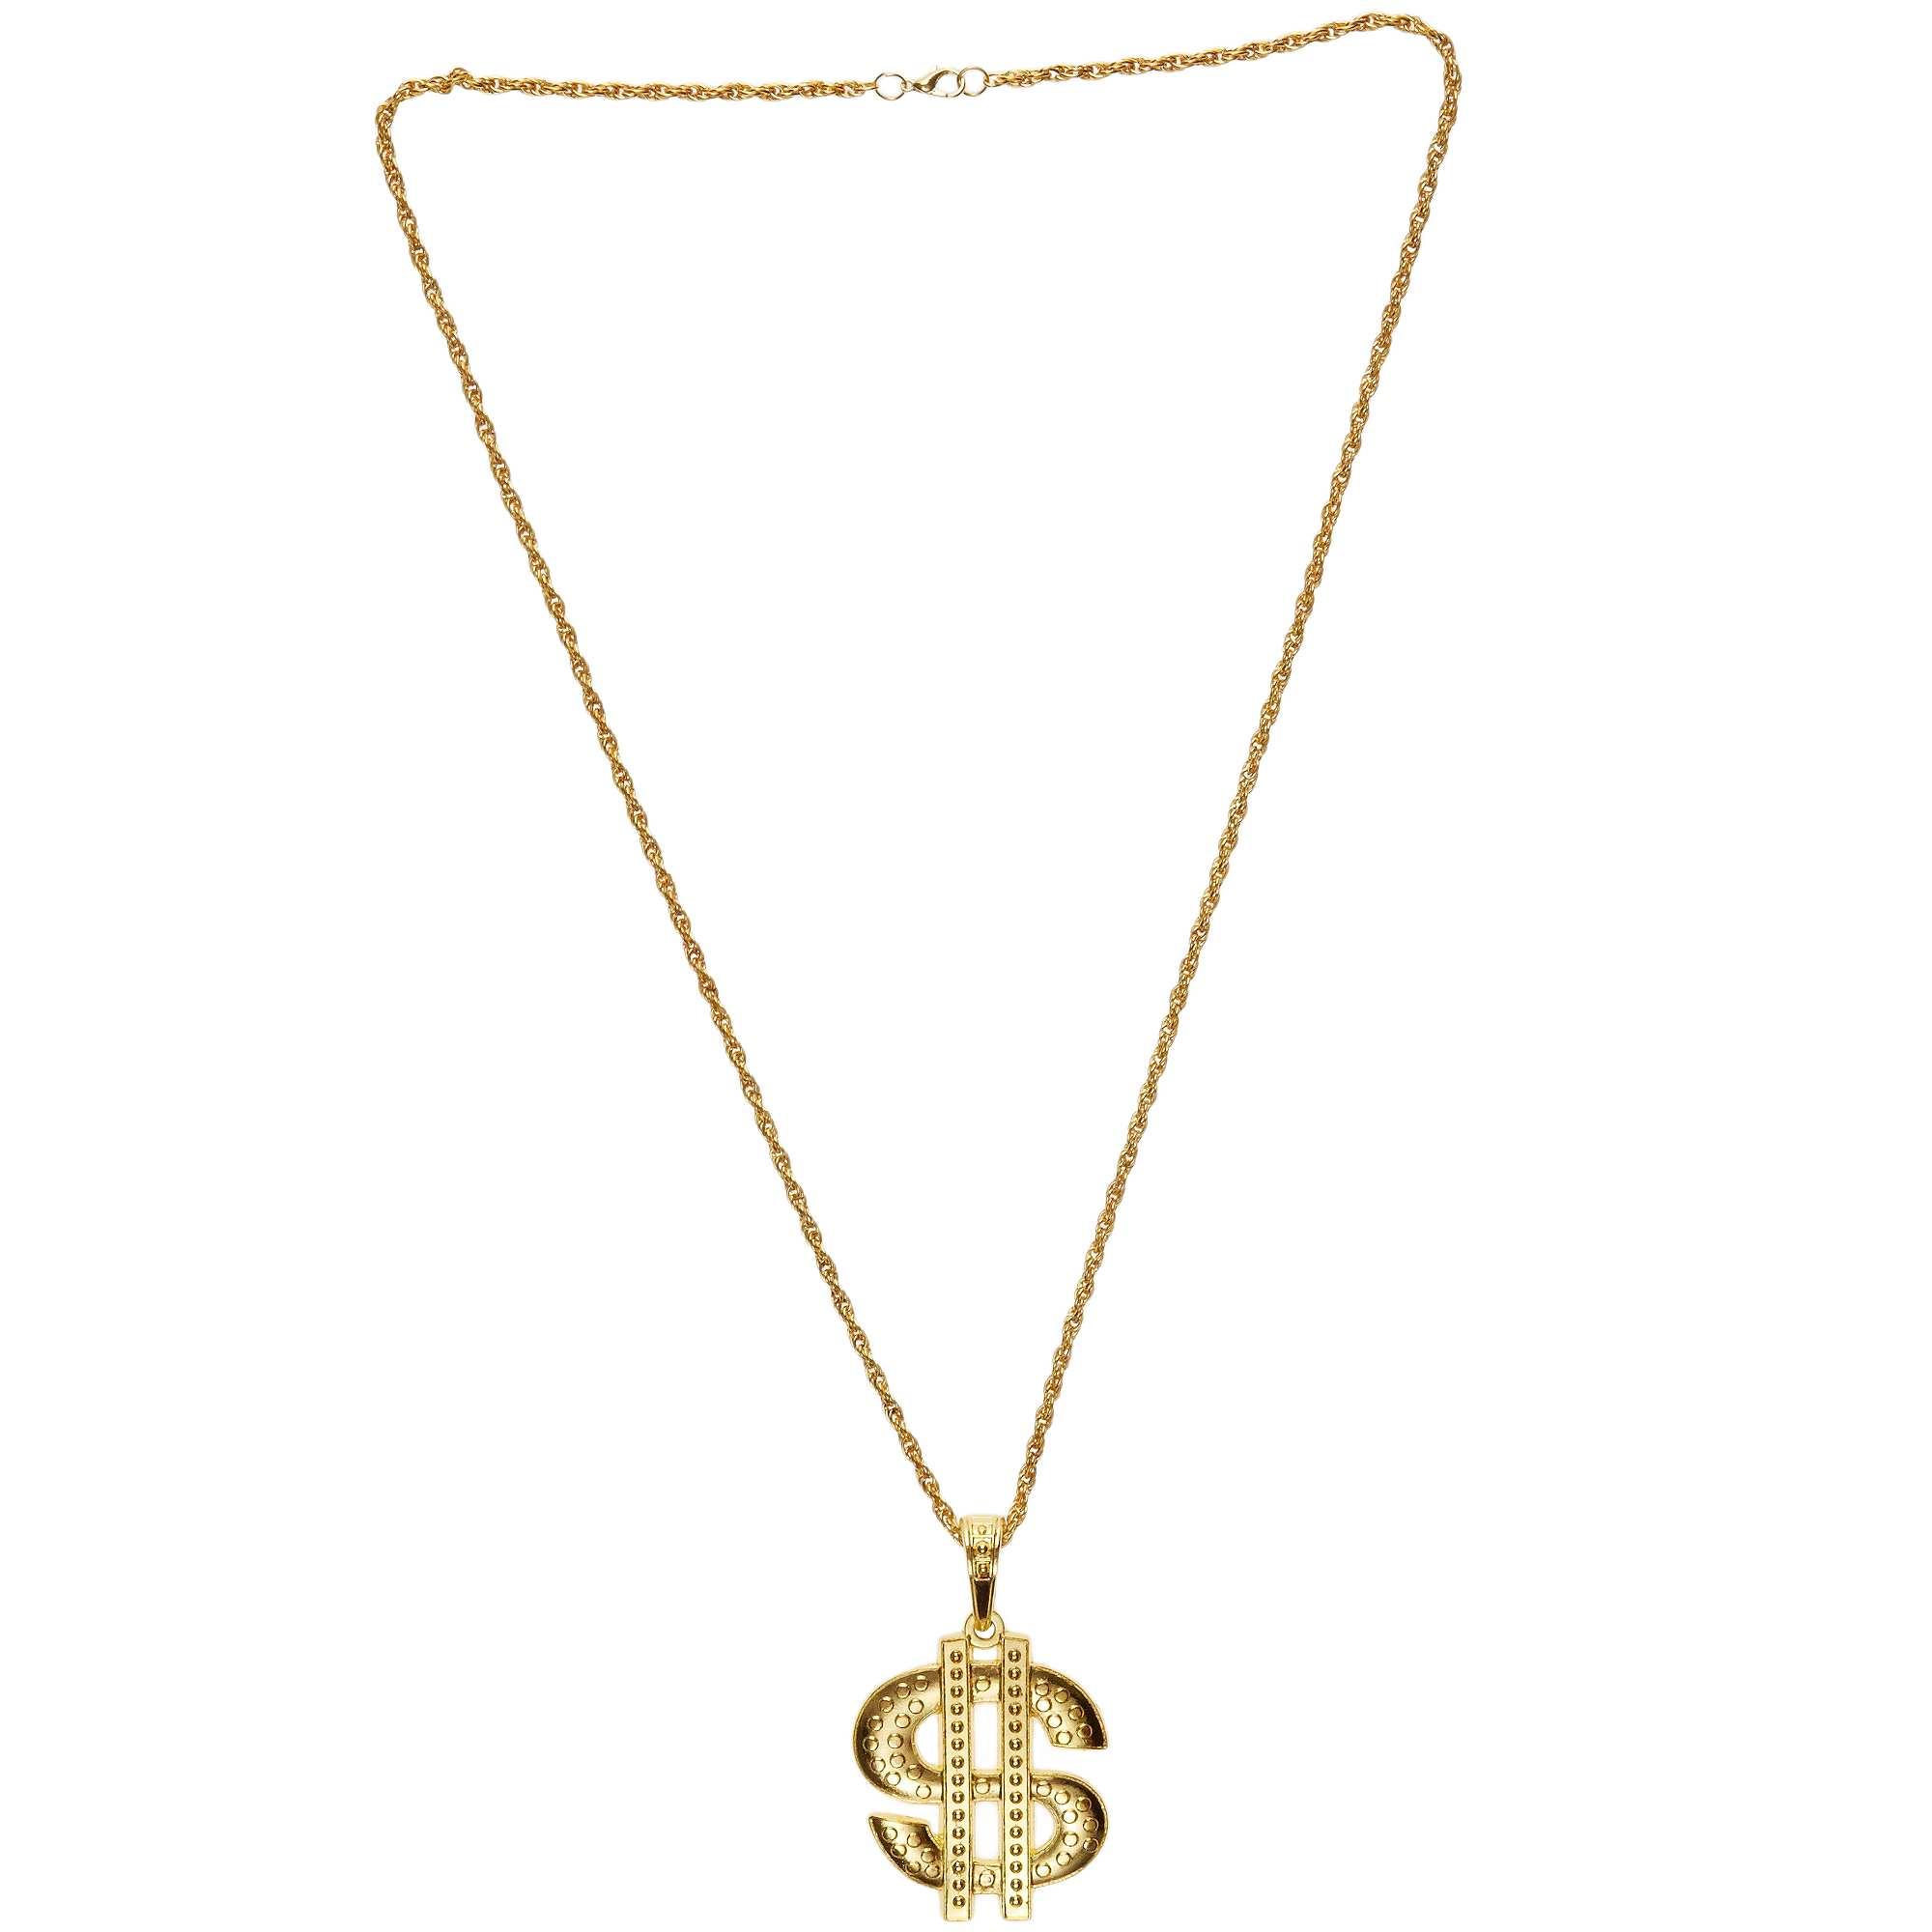 Couleur : doré, , ,, - Taille : TU, , ,,Pour un look de rappeur ou de gangster américain, ce collier 'Dollar $' en métal doré